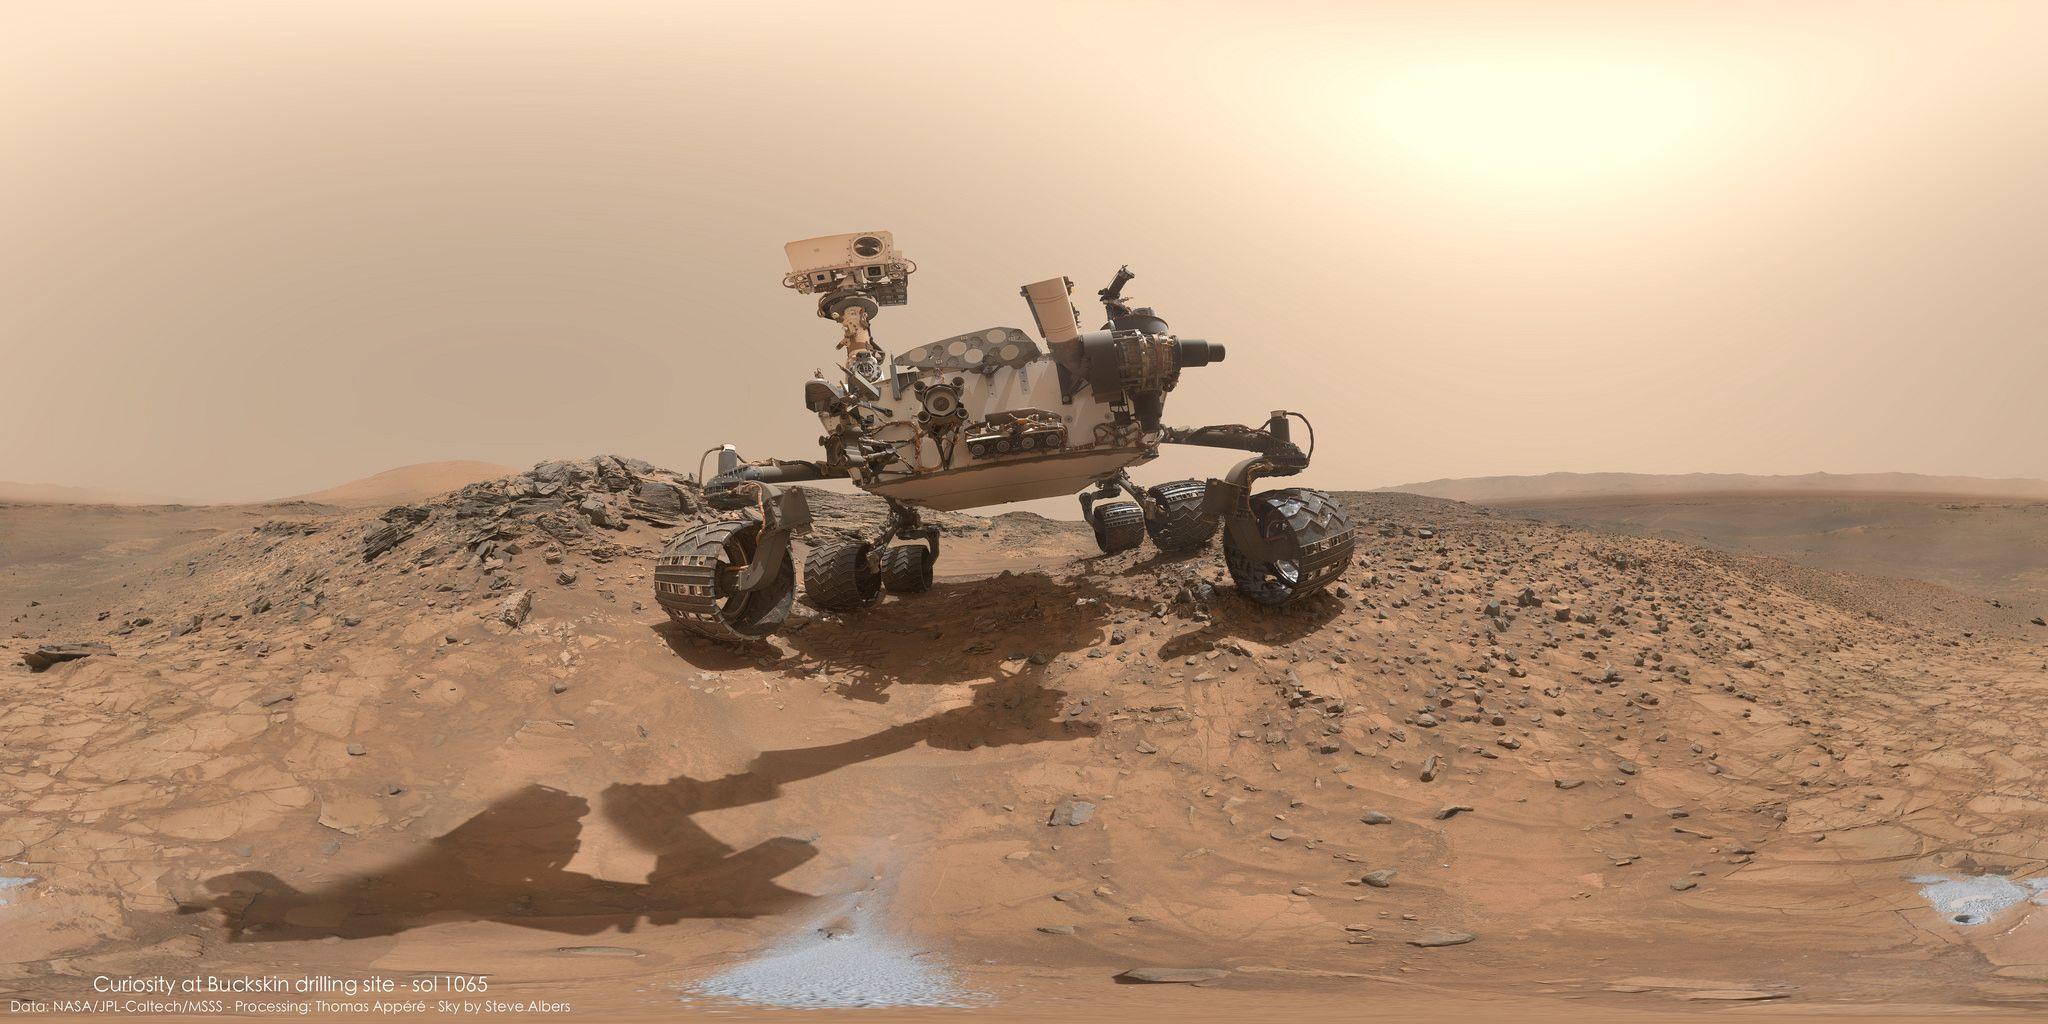 Toutes les tailles | Curiosity at Buckskin drilling site - sol 1065 | Flickr: partage de photos!